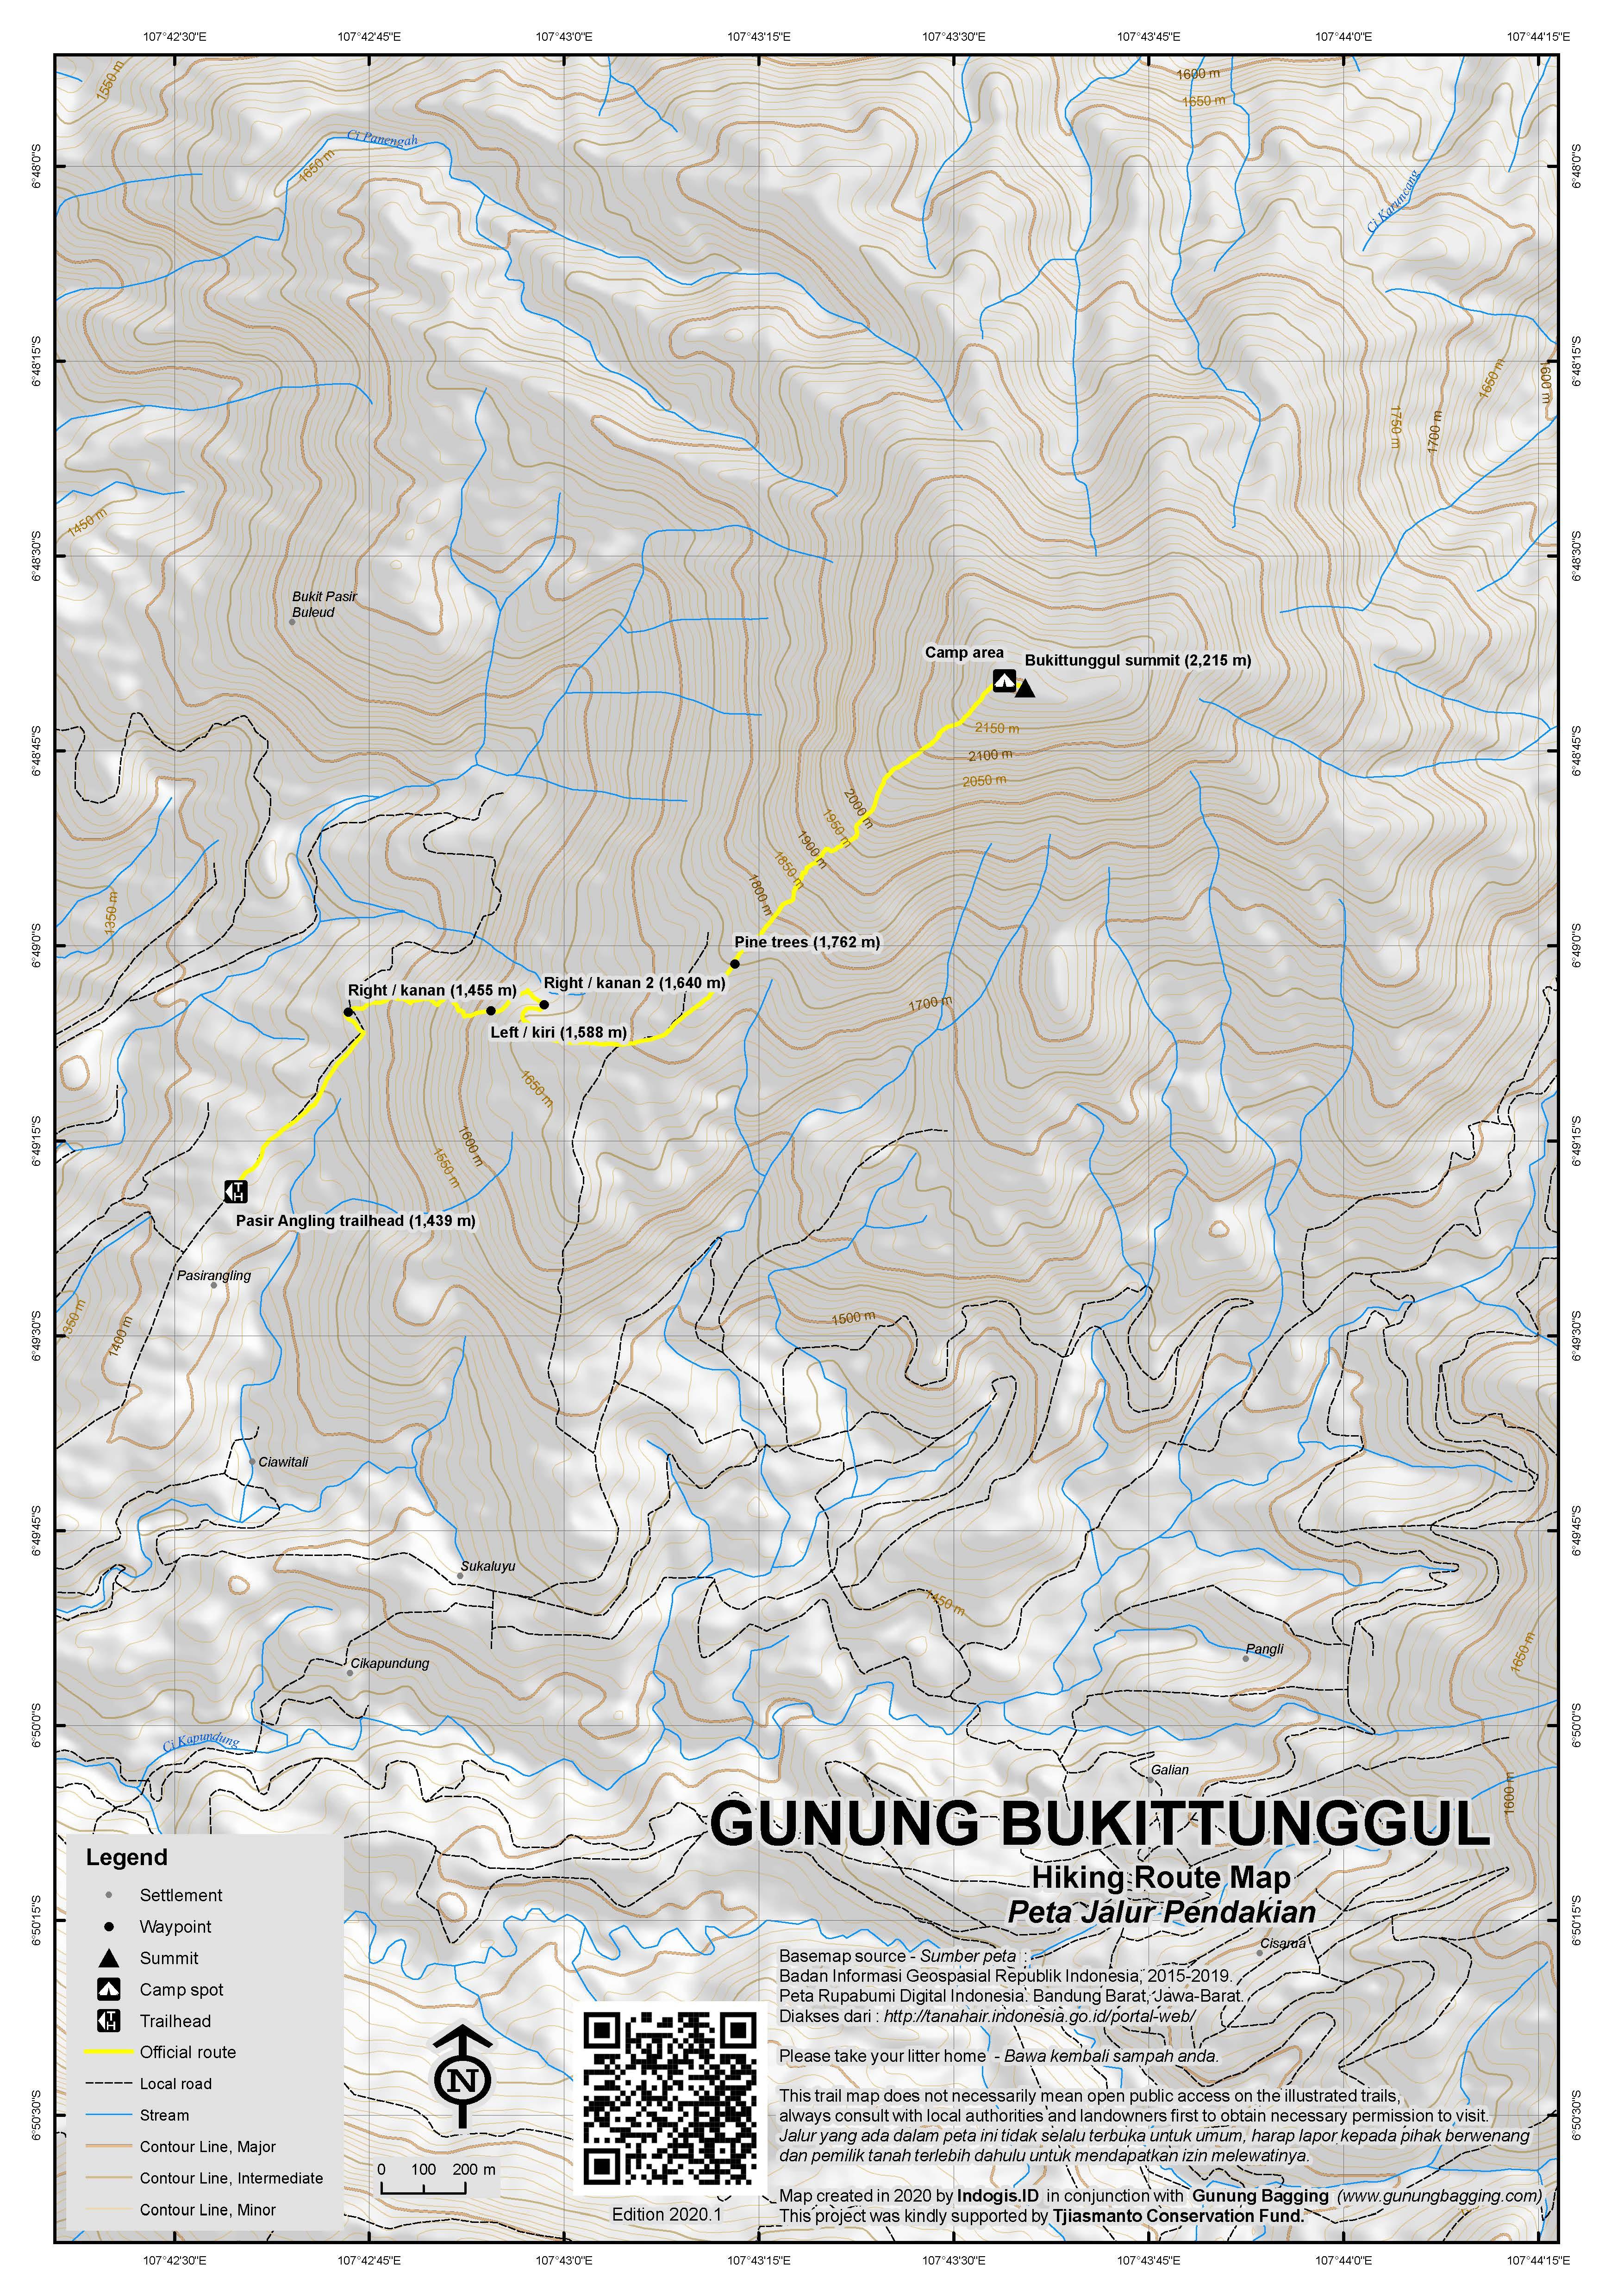 Peta Jalur Pendakian Gunung Bukittunggul